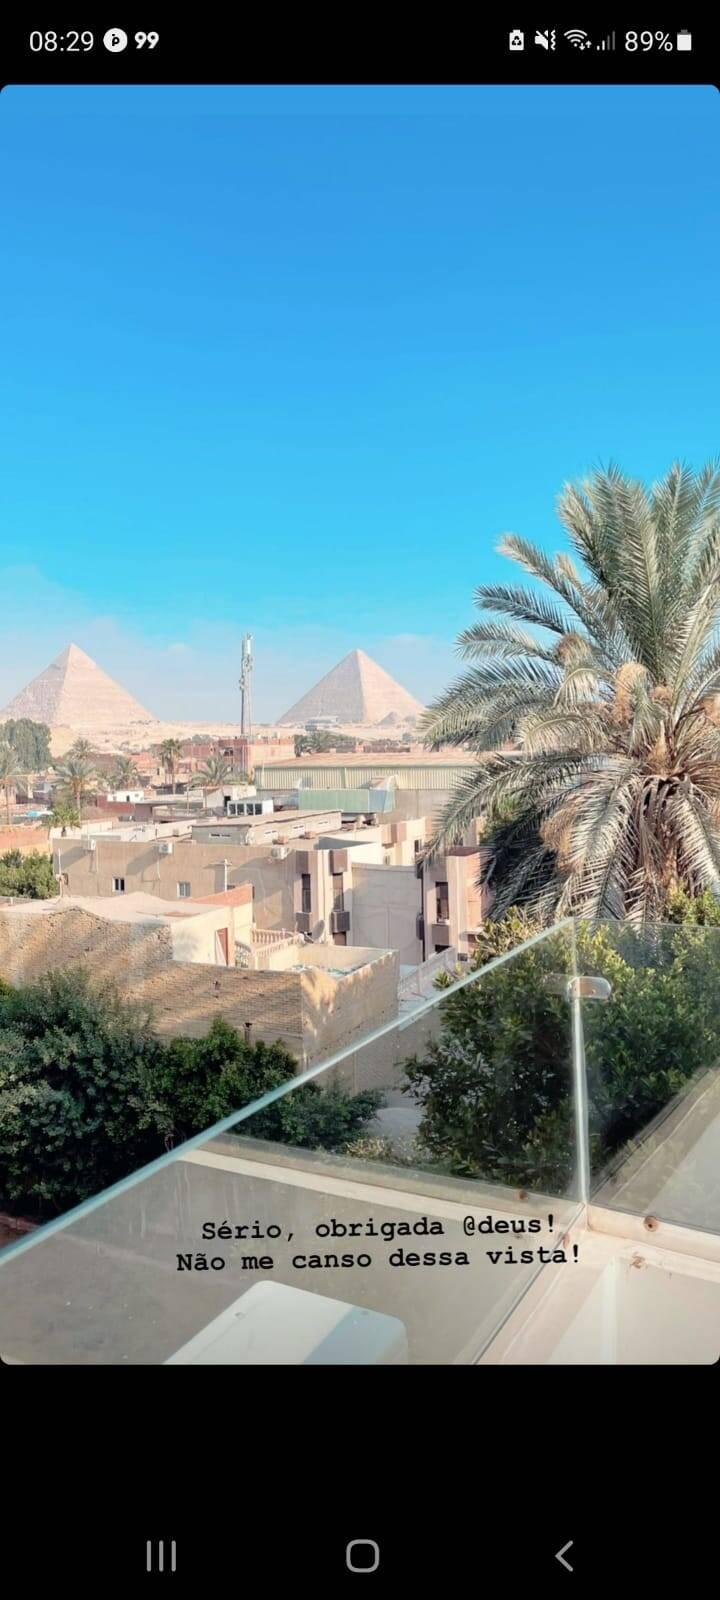 Carla Diaz posta clique de sua viagem ao Egito: 'energia surreal' (Foto: Reprodução/Instagram)